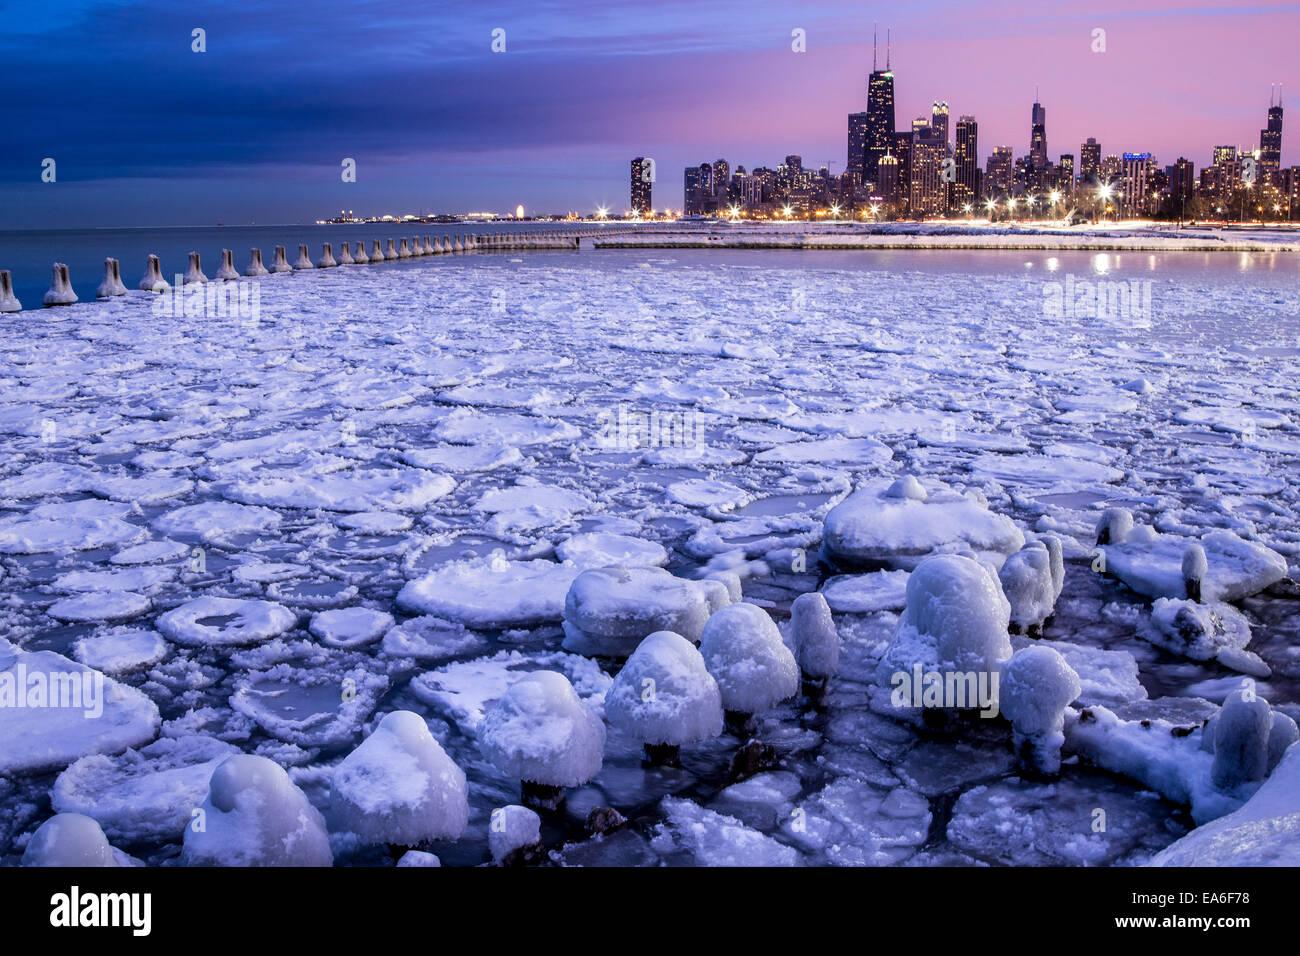 États-unis, Illinois, Chicago, allumé dans l'horizon du port de glace Photo Stock